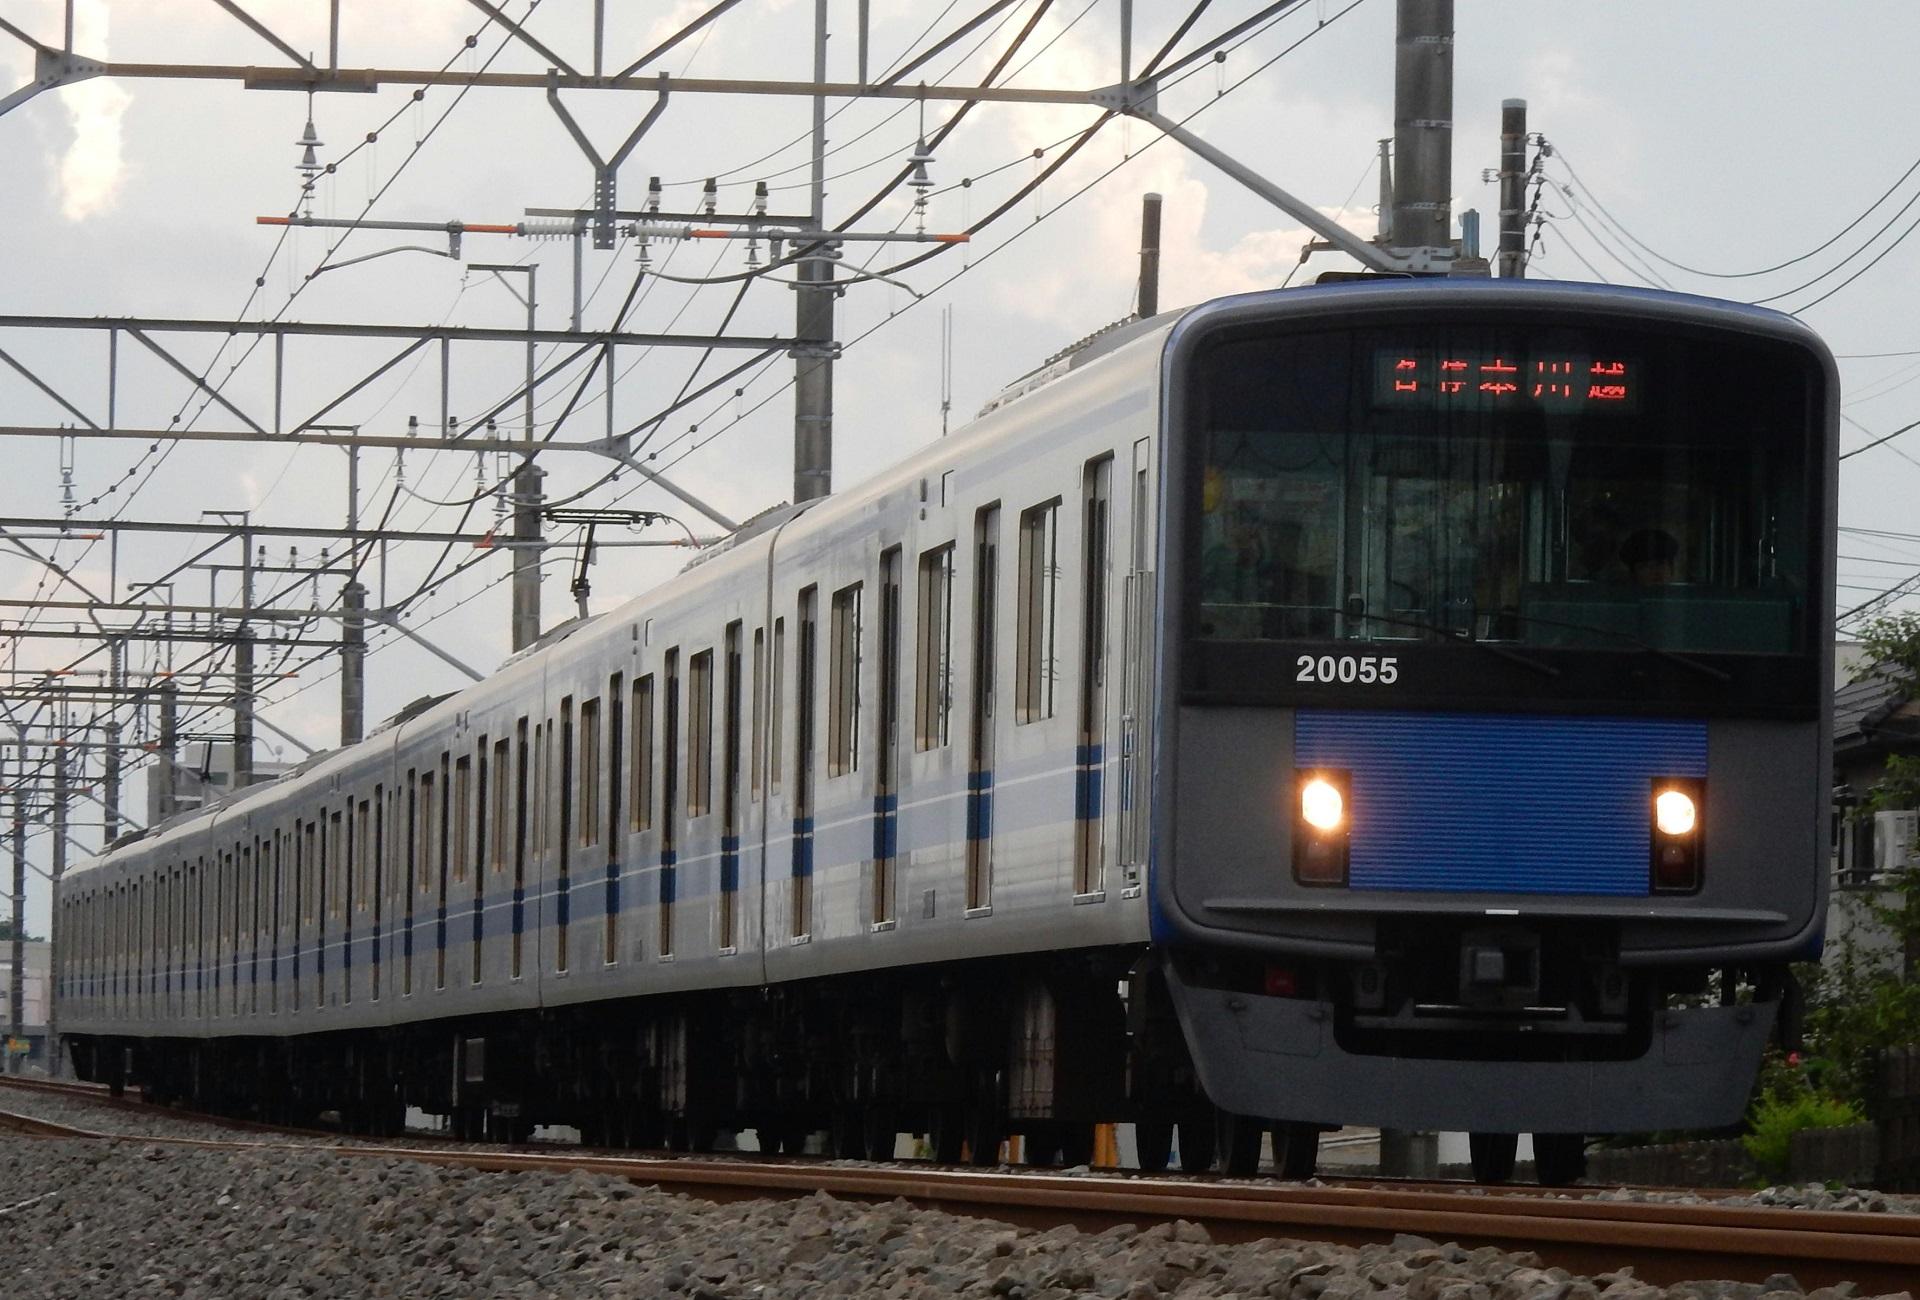 DSCN4525 - コピー